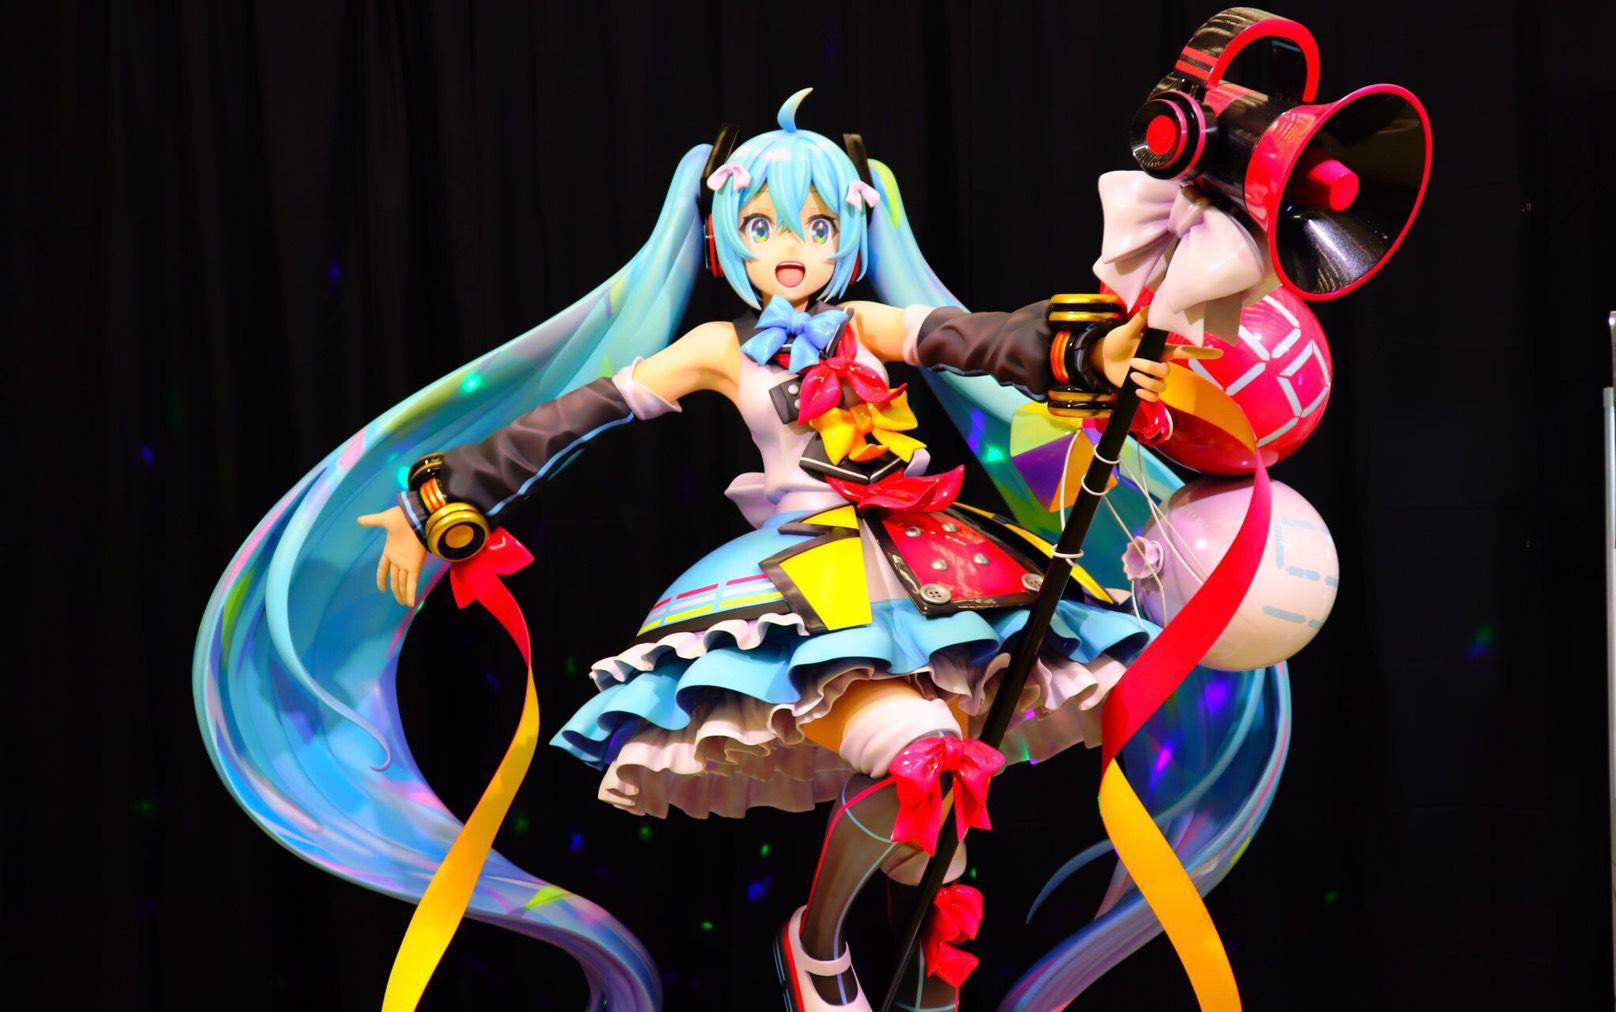 【京まふ2018】京都のマンガ・アニメフェアに潜入したら盛り上がりがすごかった!